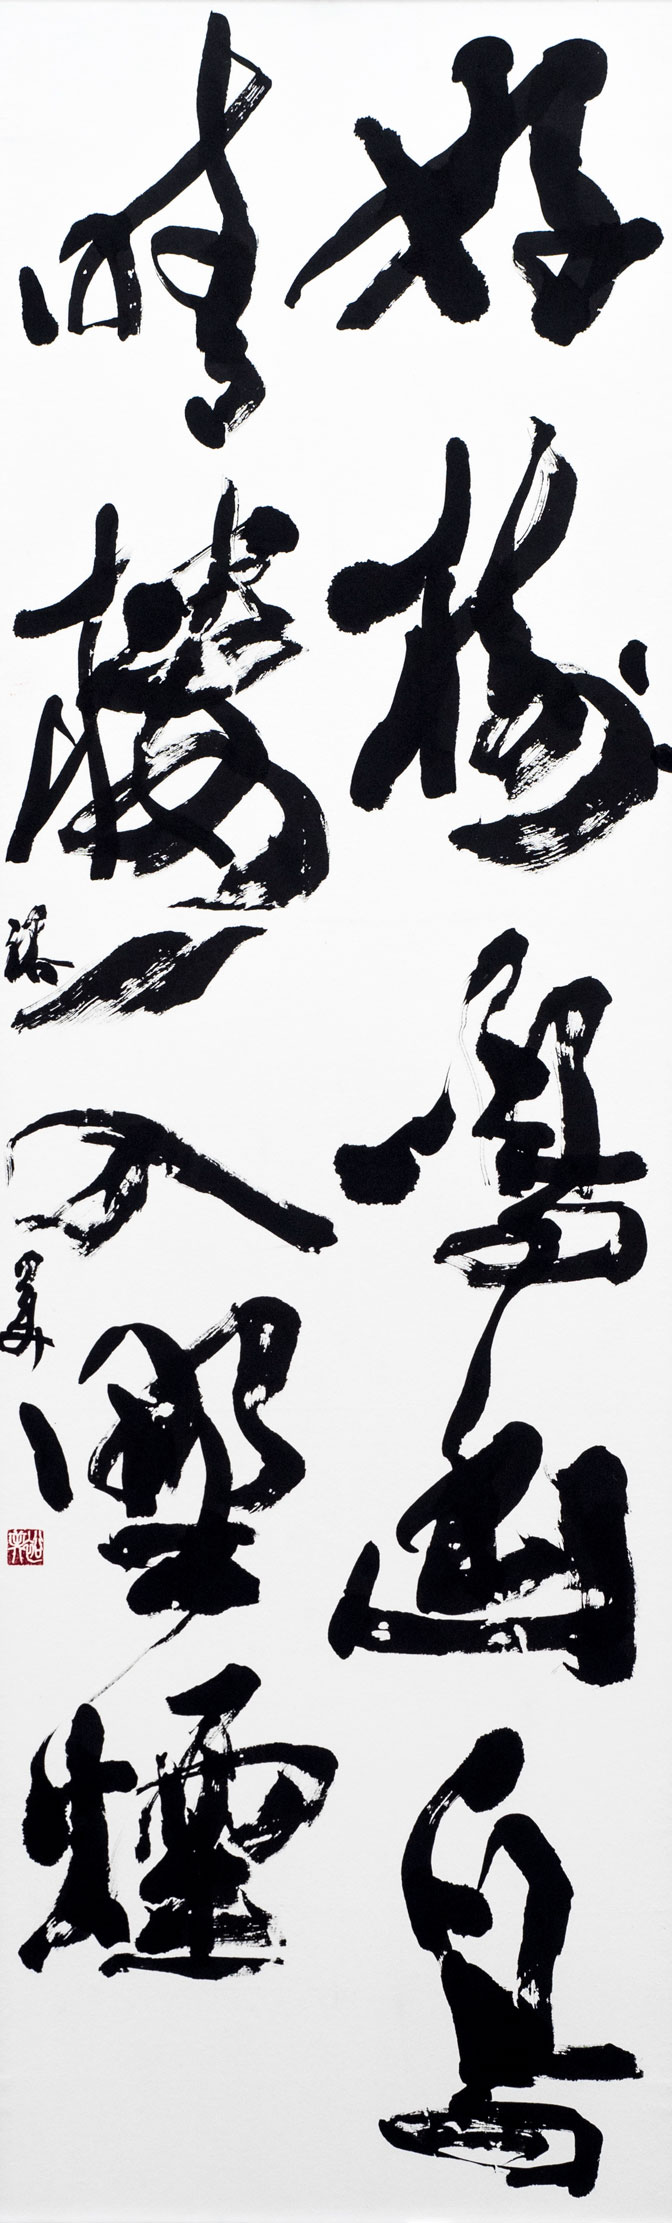 2017-jp-shodo-inspiration-474.jpg